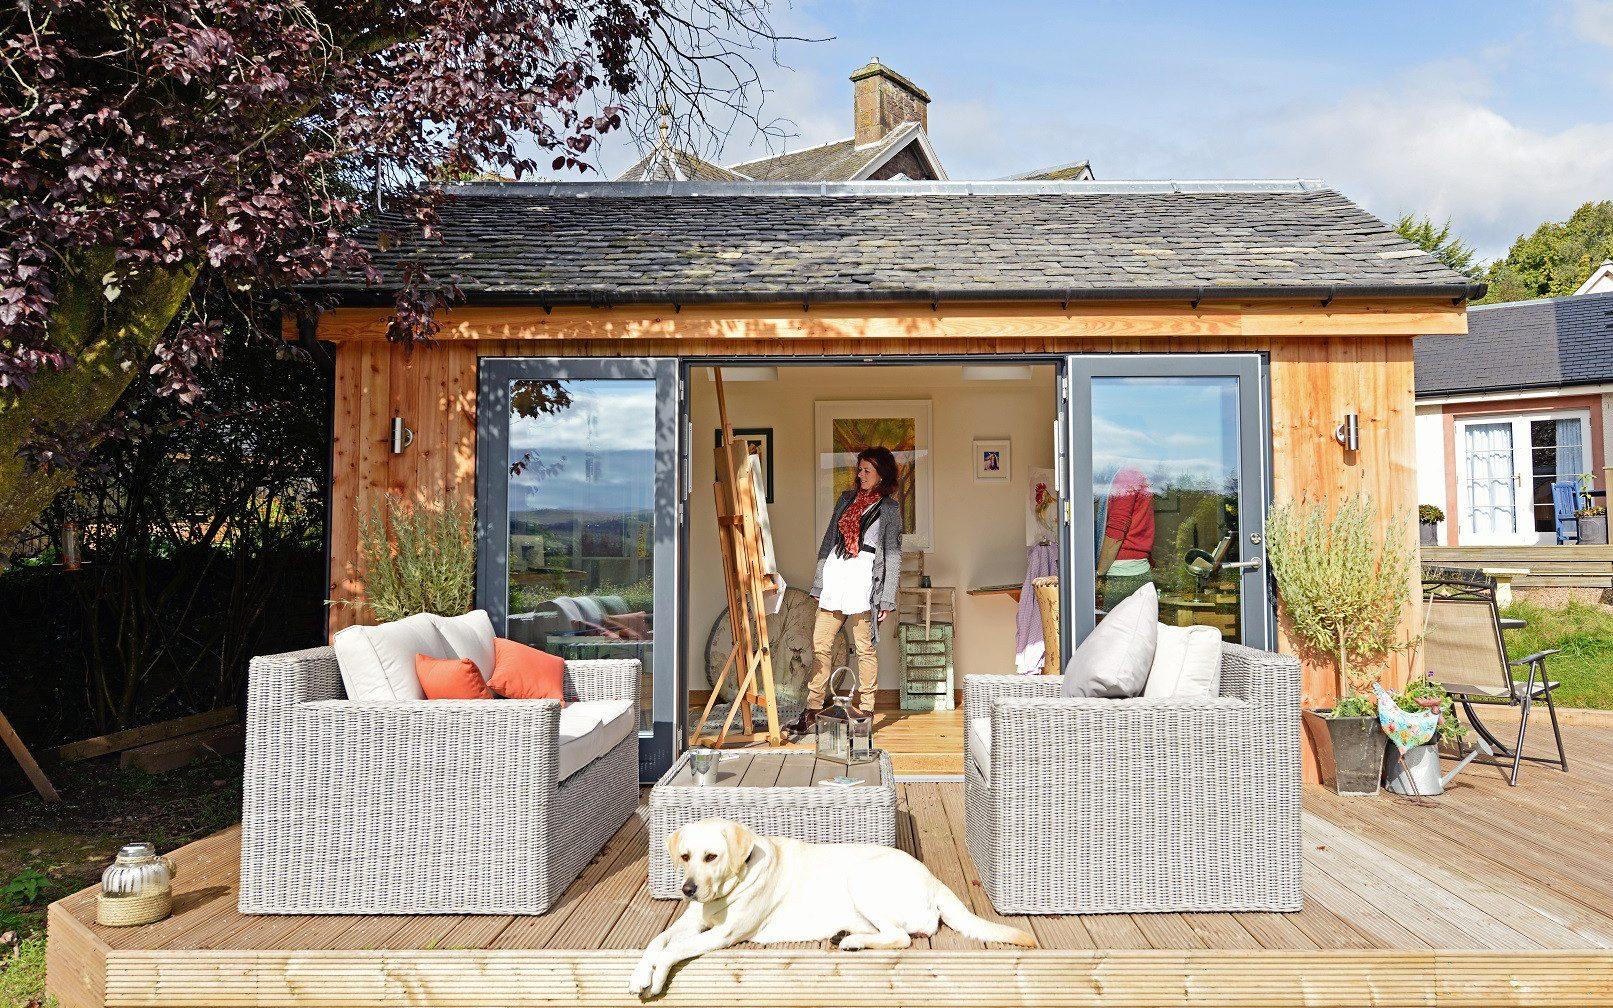 garden huts a  VYNLPAP